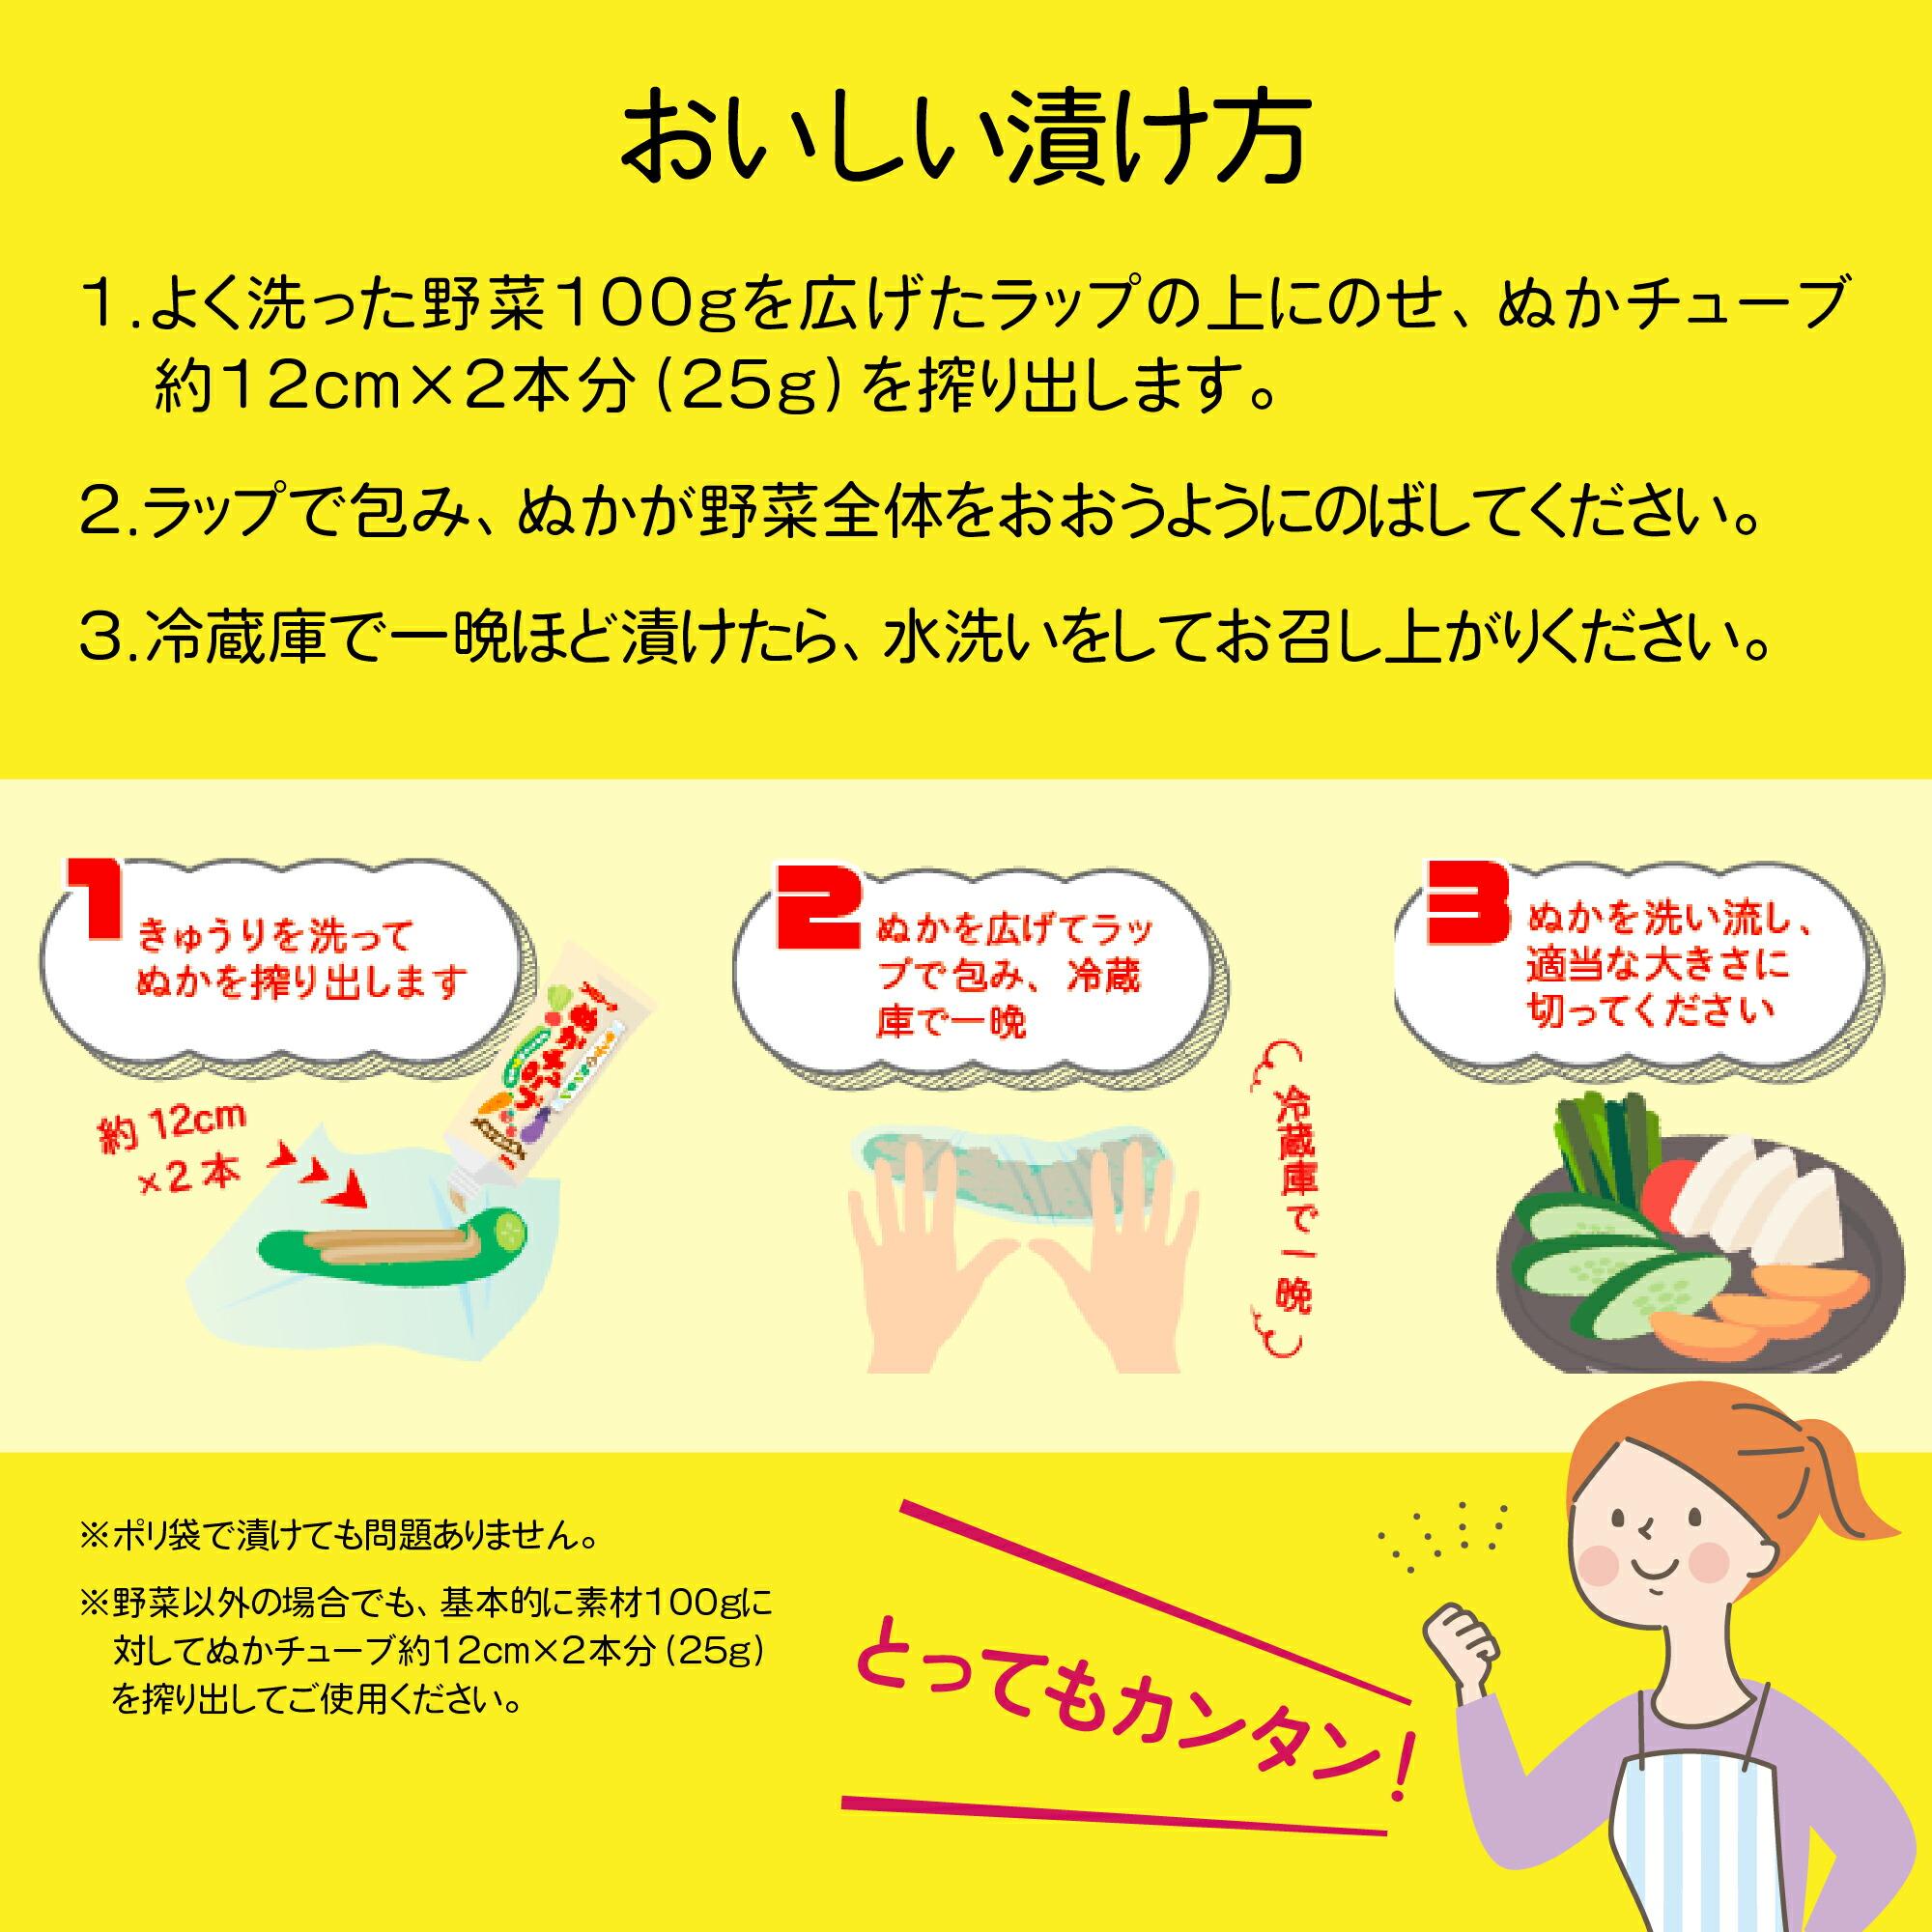 おいしい漬け方|1.よく洗った野菜100gを広げたラップの上にのせ、ぬかチューブ約12cm×2本分(25g)を搾り出します。2.ラップで包み、ぬかが野菜全体をおおうようにのばしてください。3.冷蔵庫で一晩ほど漬けたら、水洗いをしてお召し上がりください。